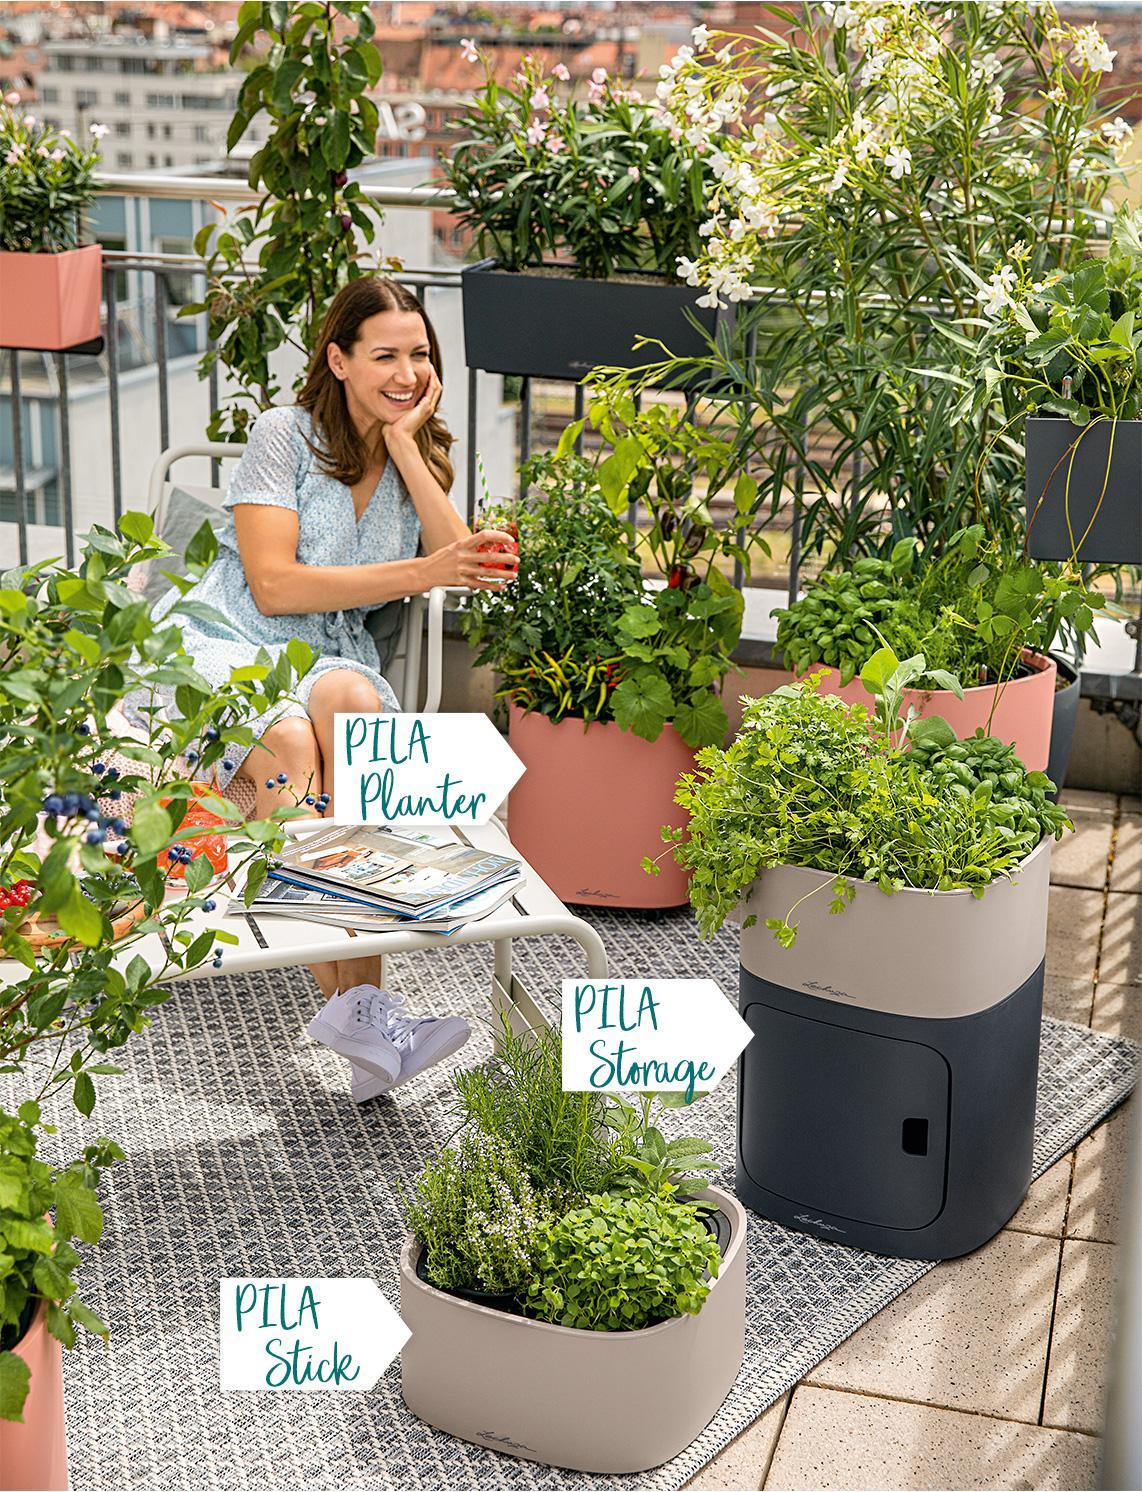 Mère et fille assises sur un balcon avec des jardinières PILA plantées